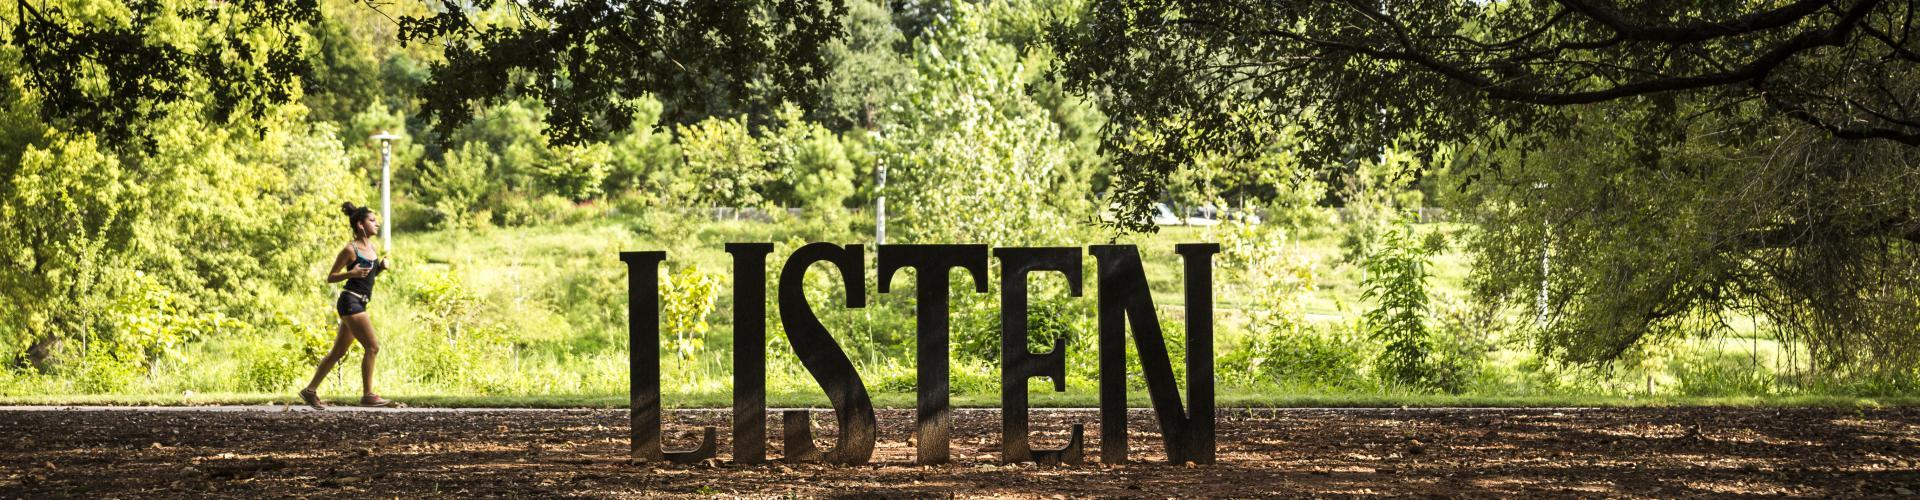 Buffalo Bayou Park - Listen